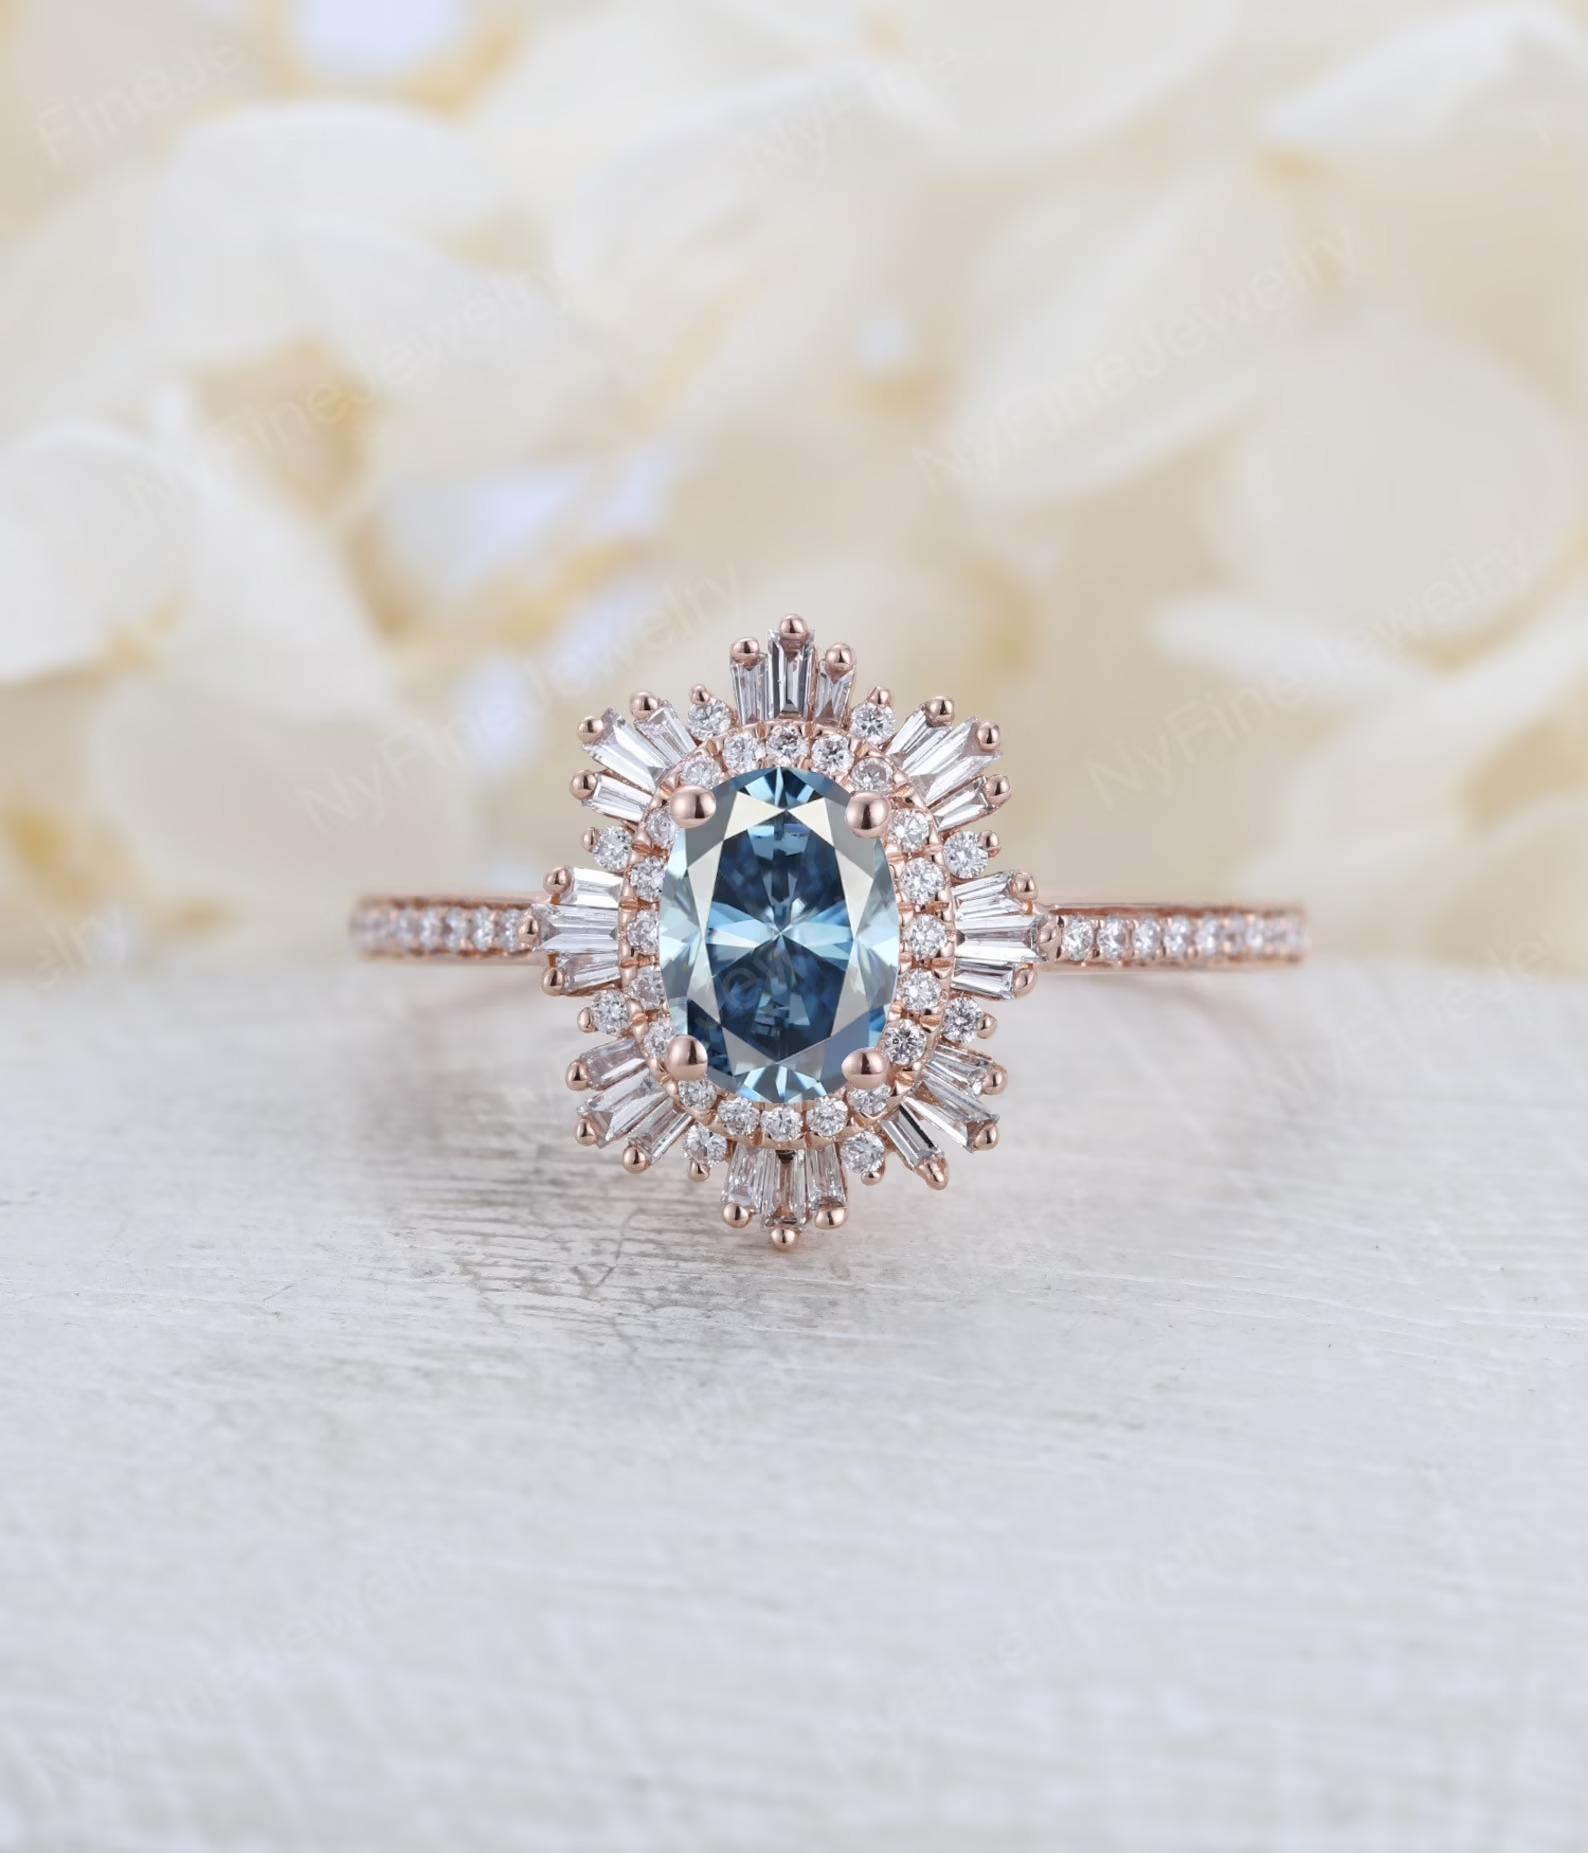 moissanite vs diamond blue gray sunburst art deco style ring